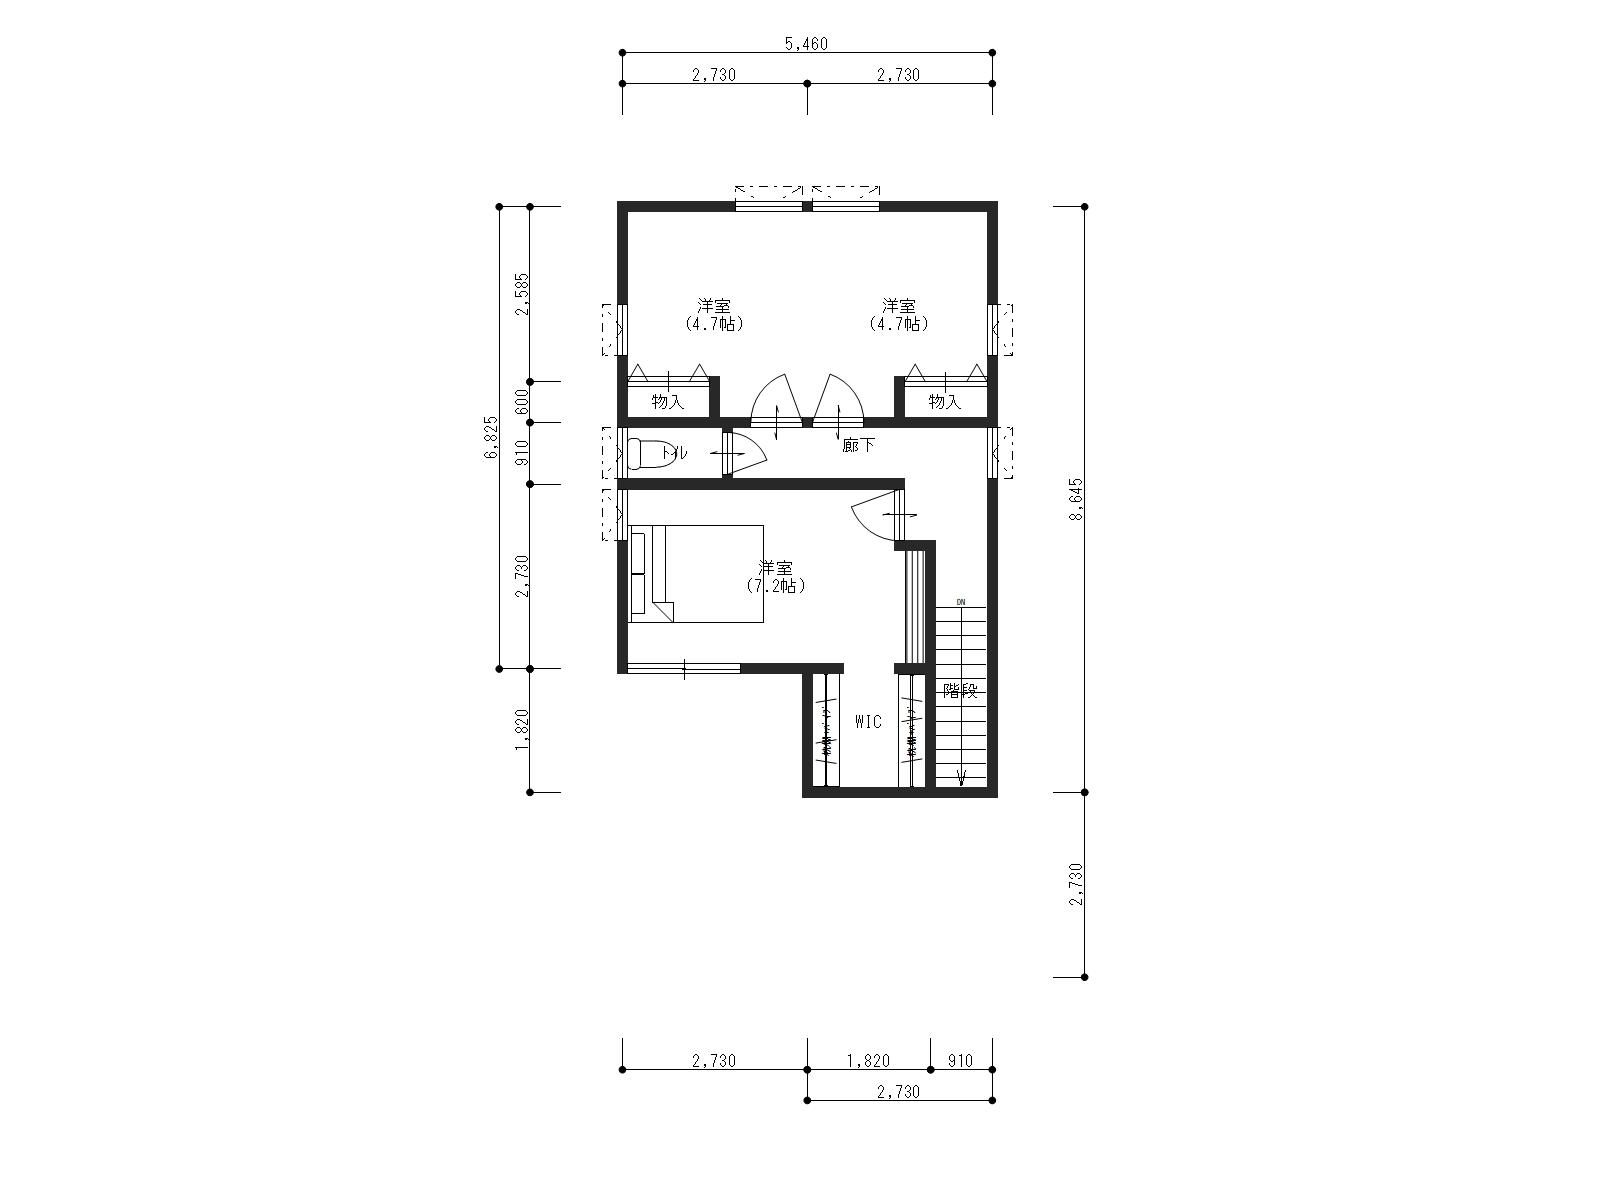 万能倉ガーデン2-1の2階間取り図